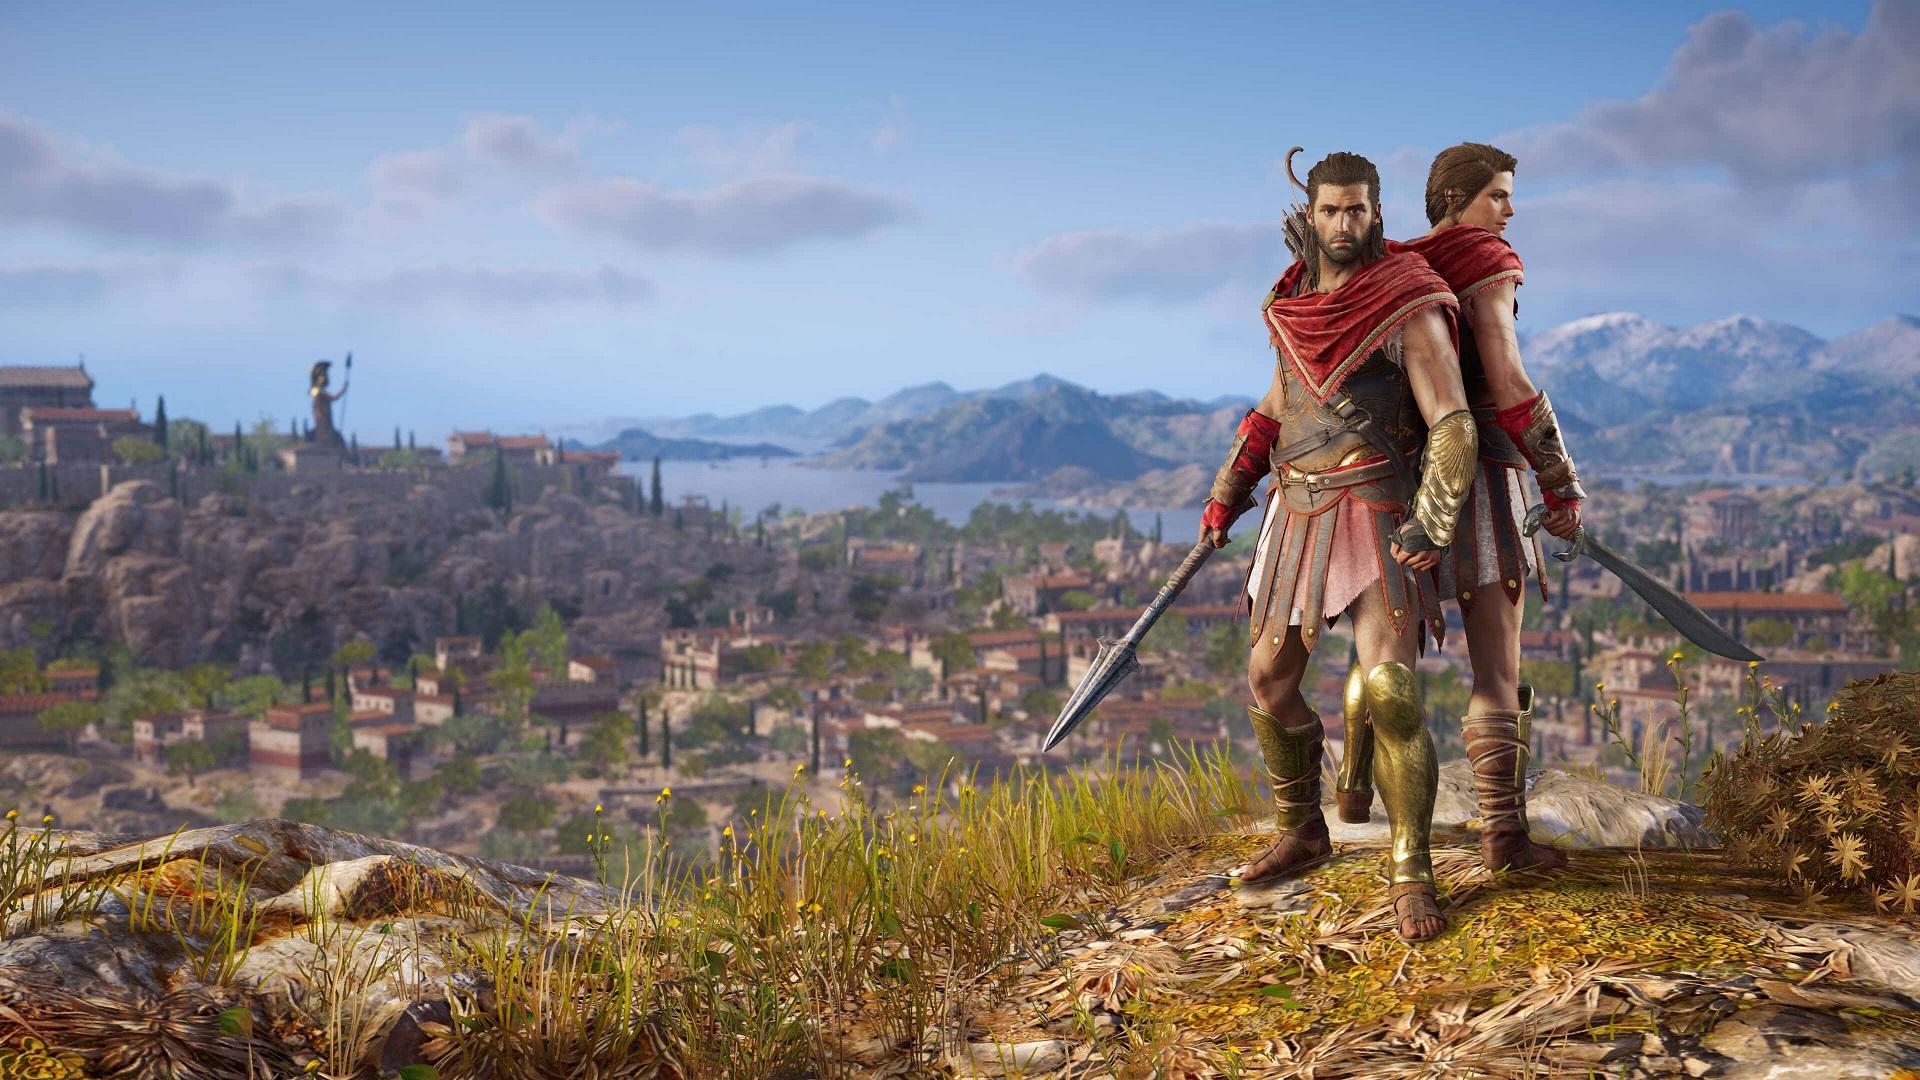 Assassin's Creed Odyssey's second DLC episode arrives next week screenshot